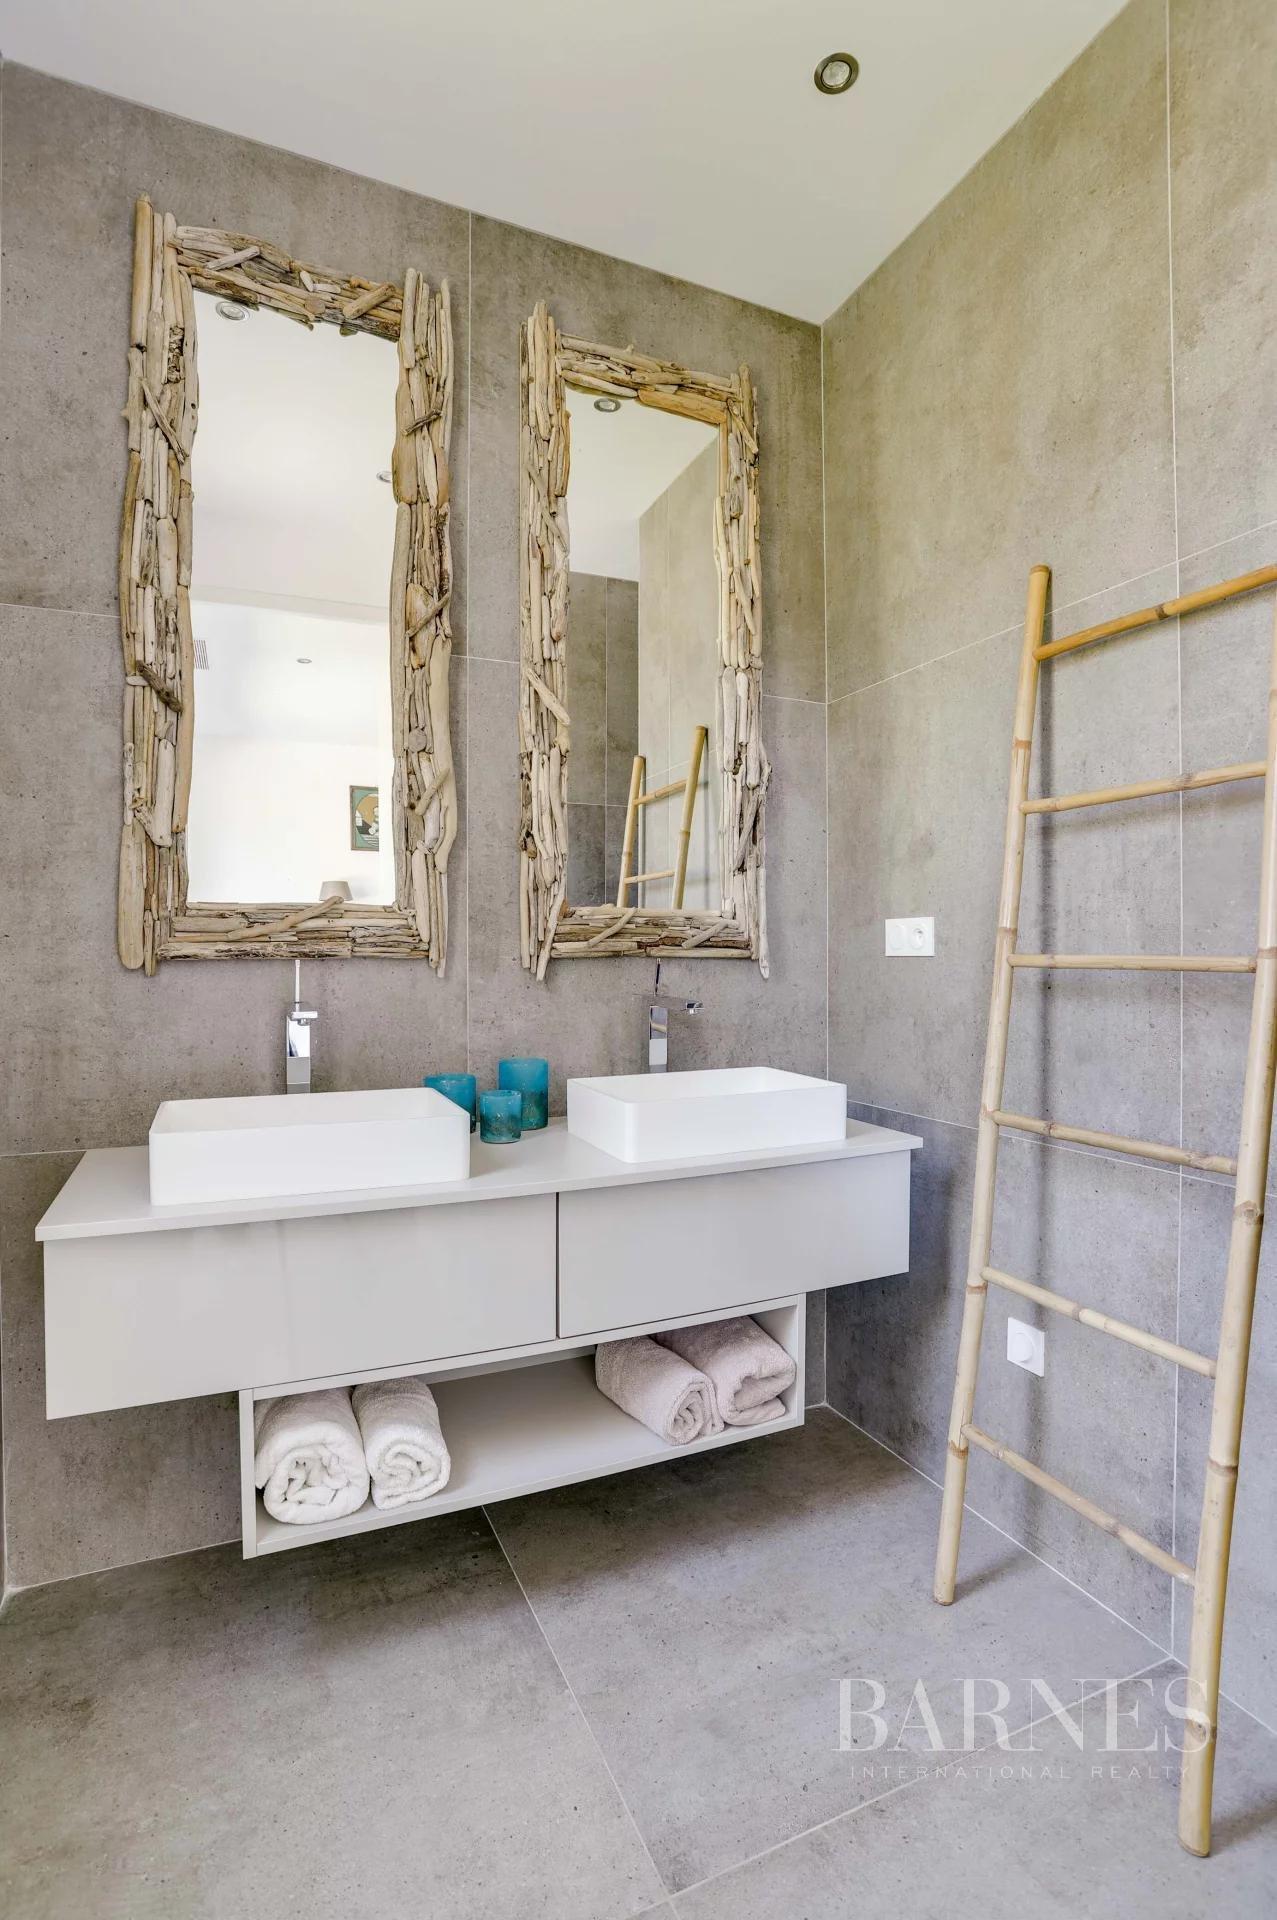 Saint-Tropez  - Villa  3 Chambres - picture 10